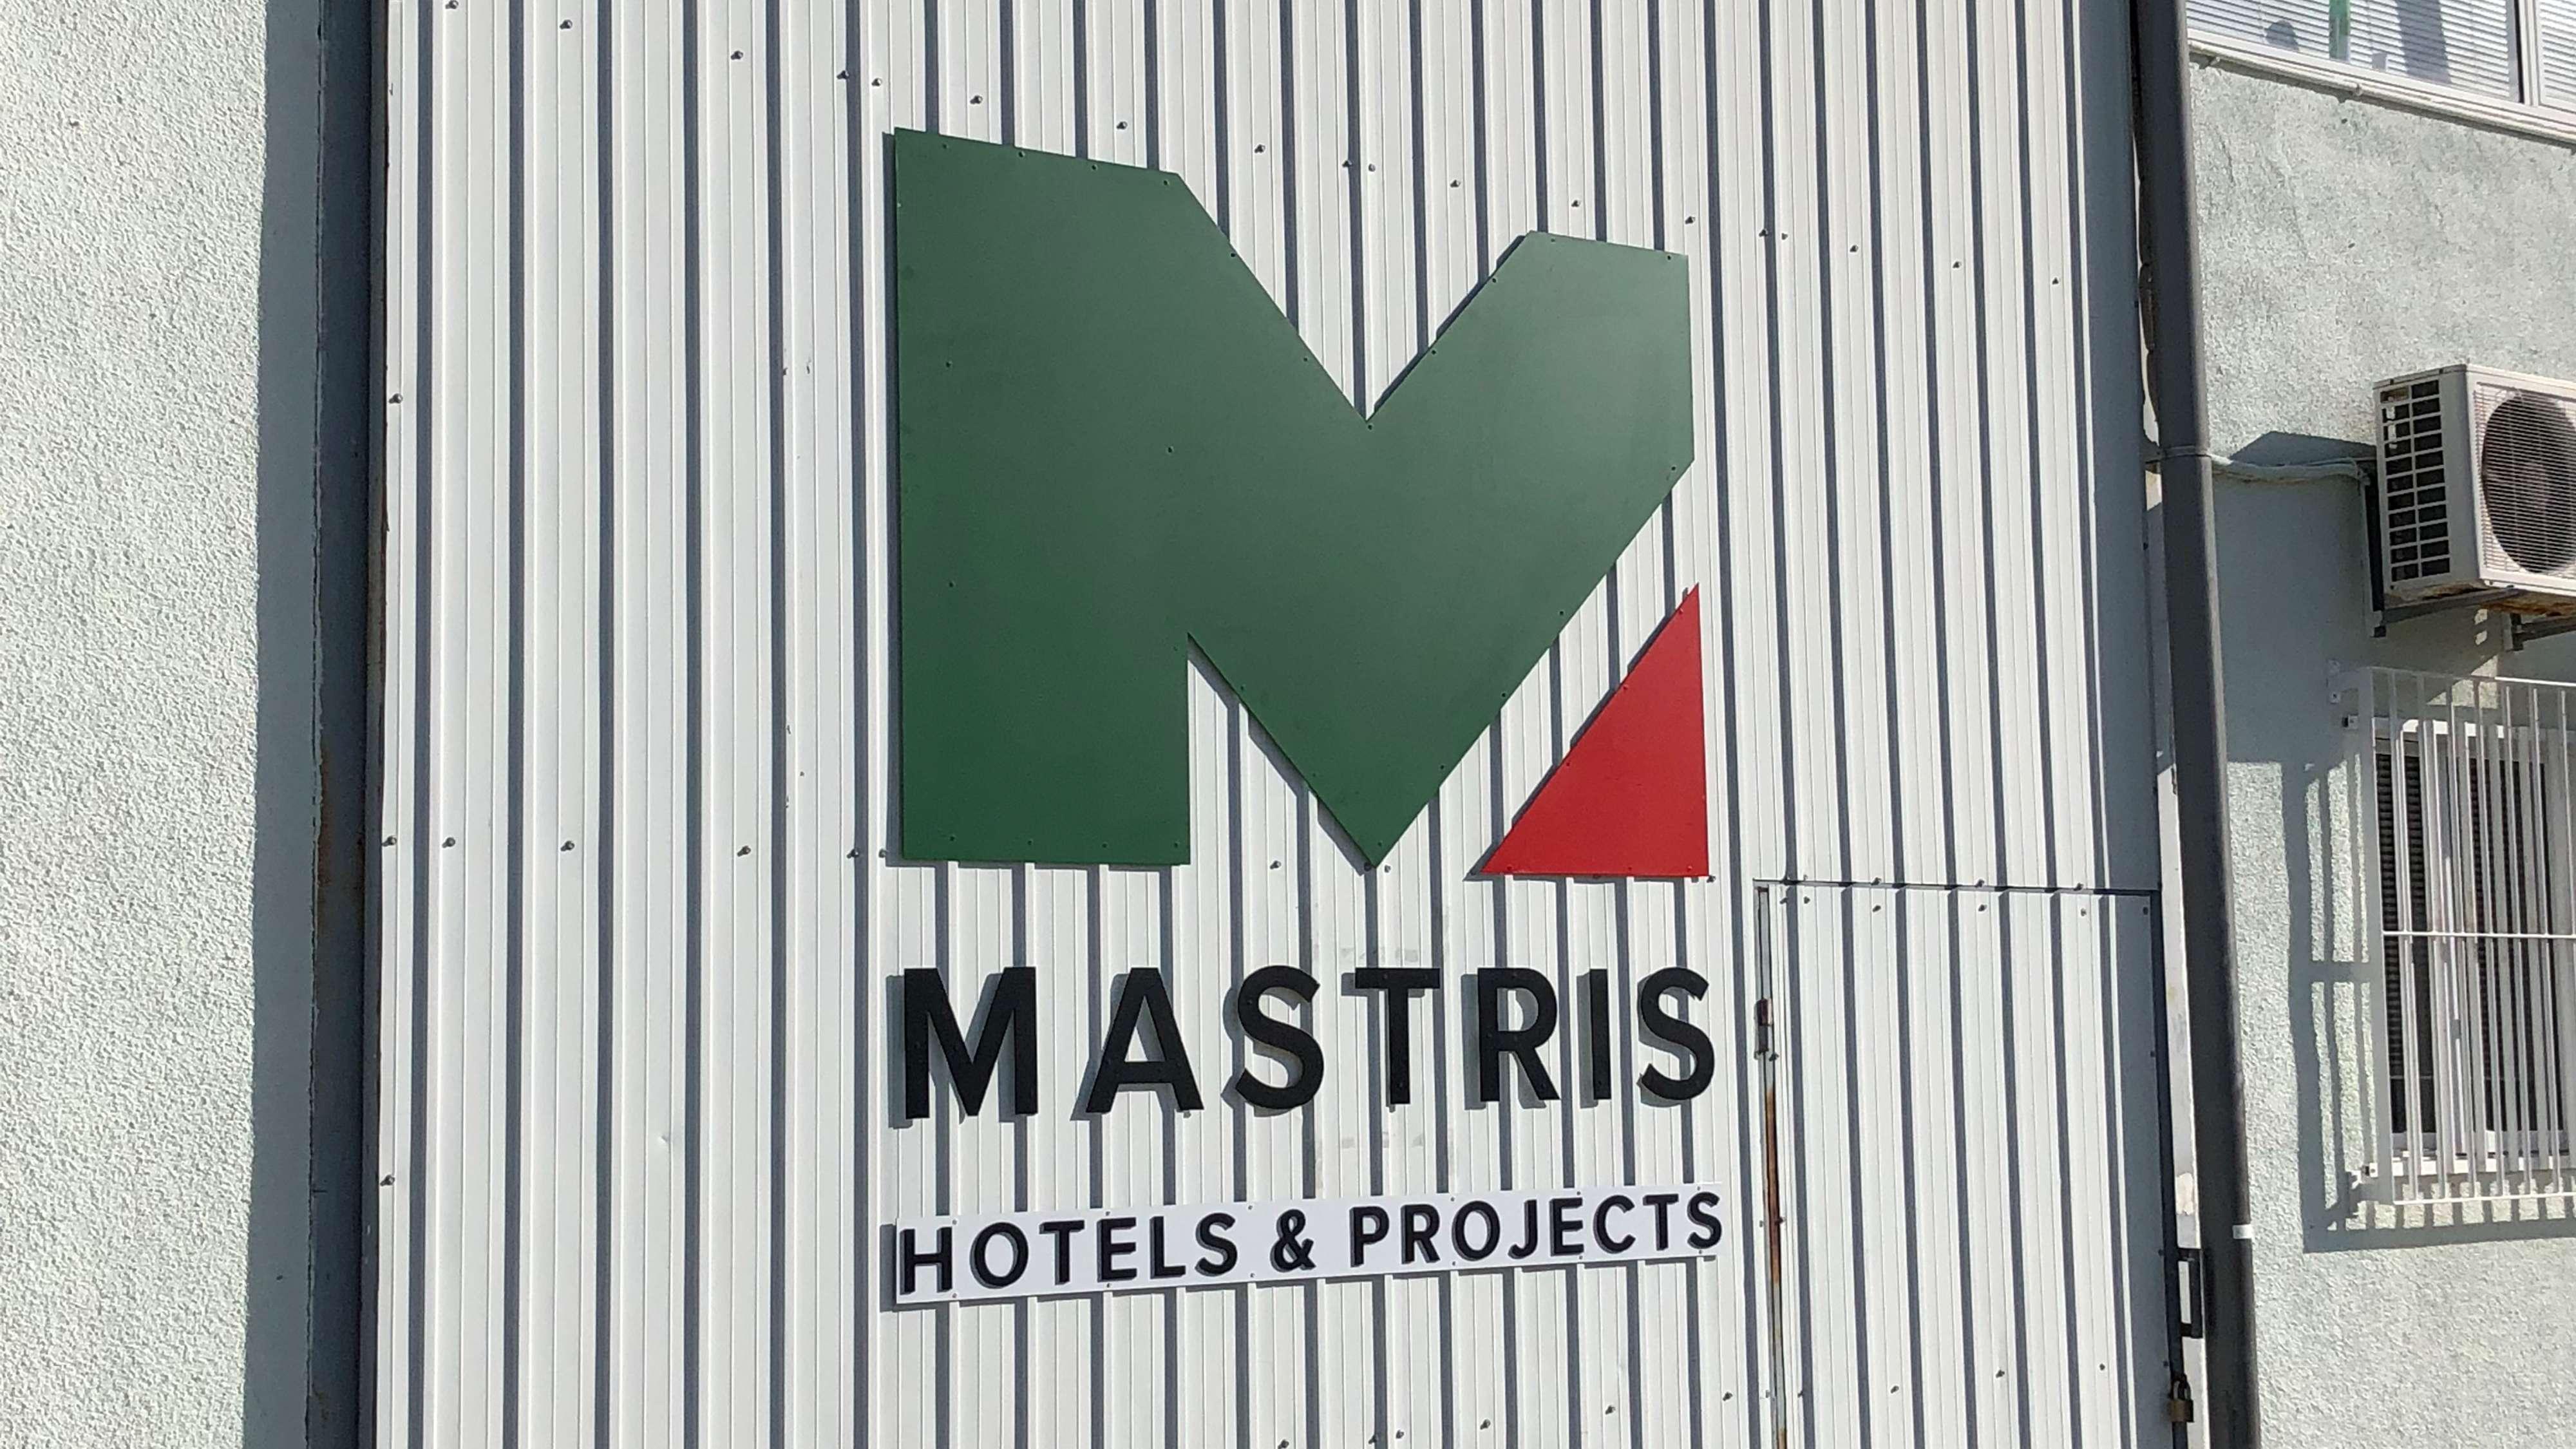 Antonis Mastris